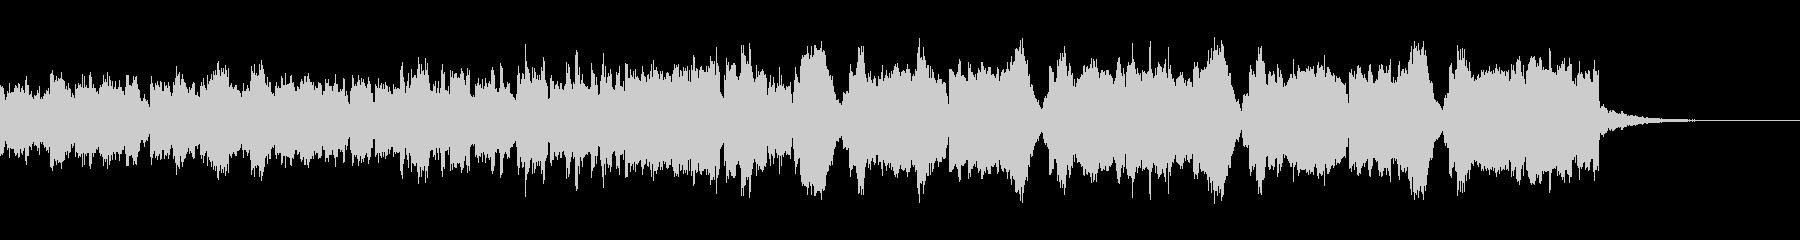 ぶっといベースが特徴的な変則ビートの未再生の波形